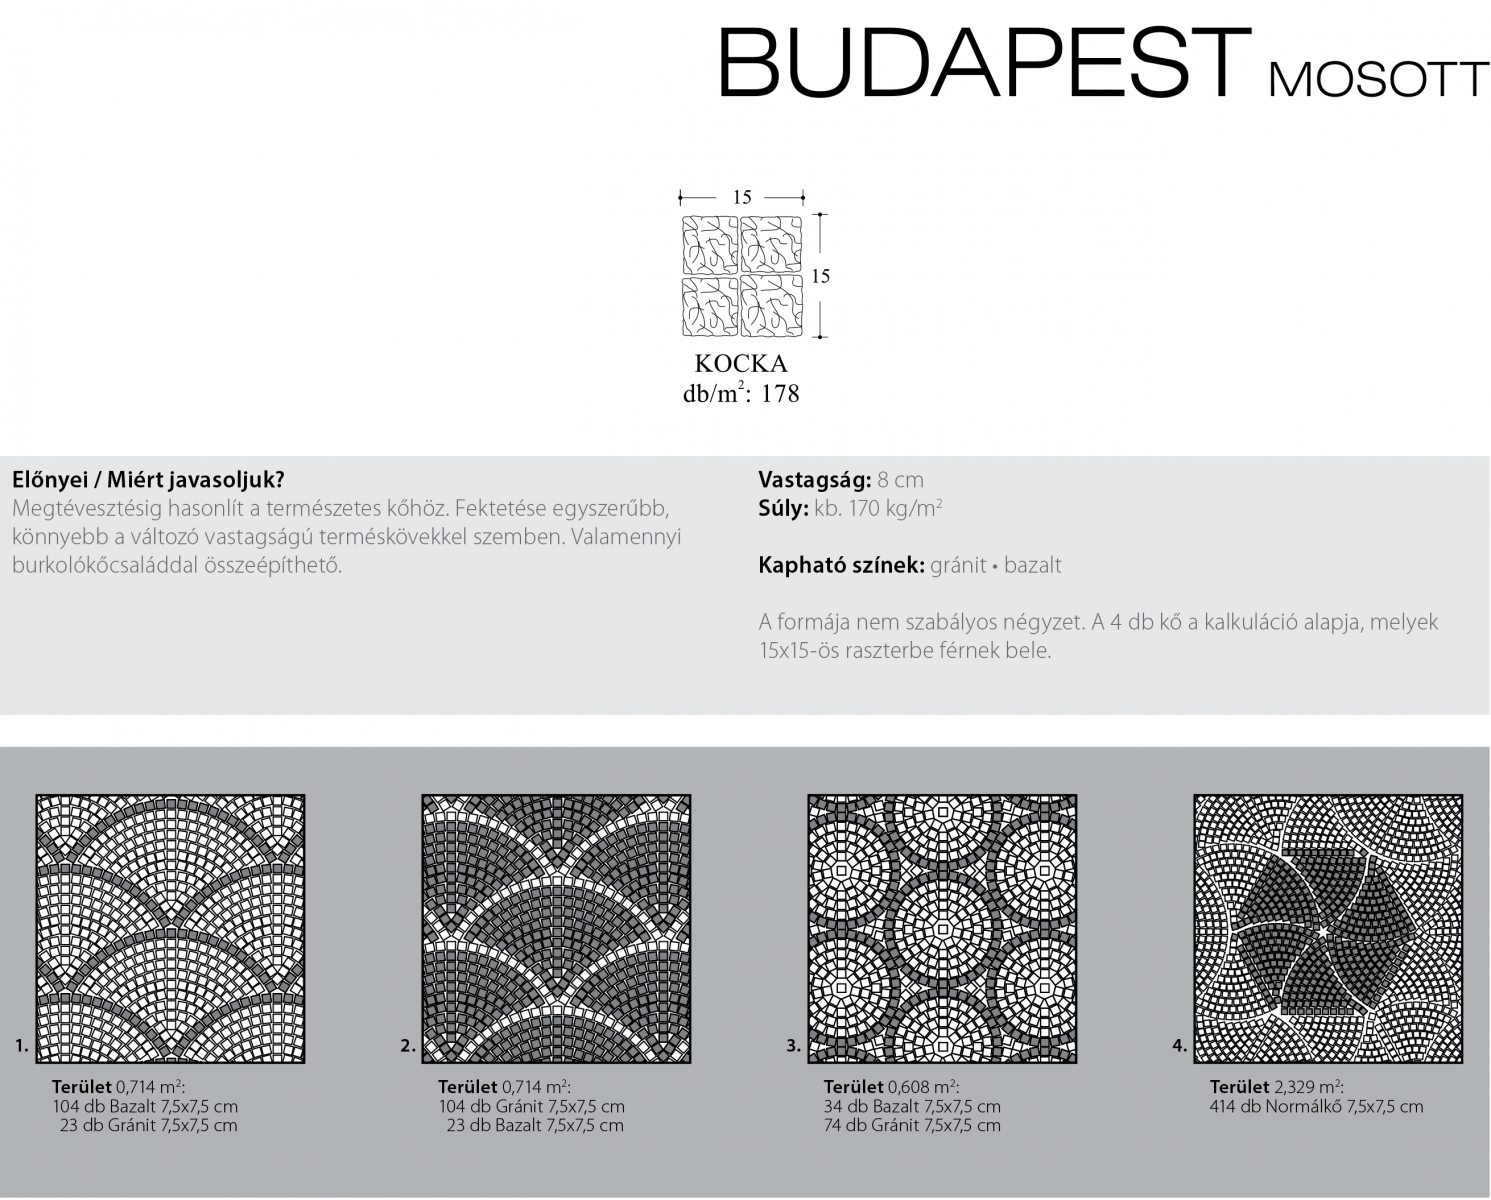 Budapest mosott technikai információi